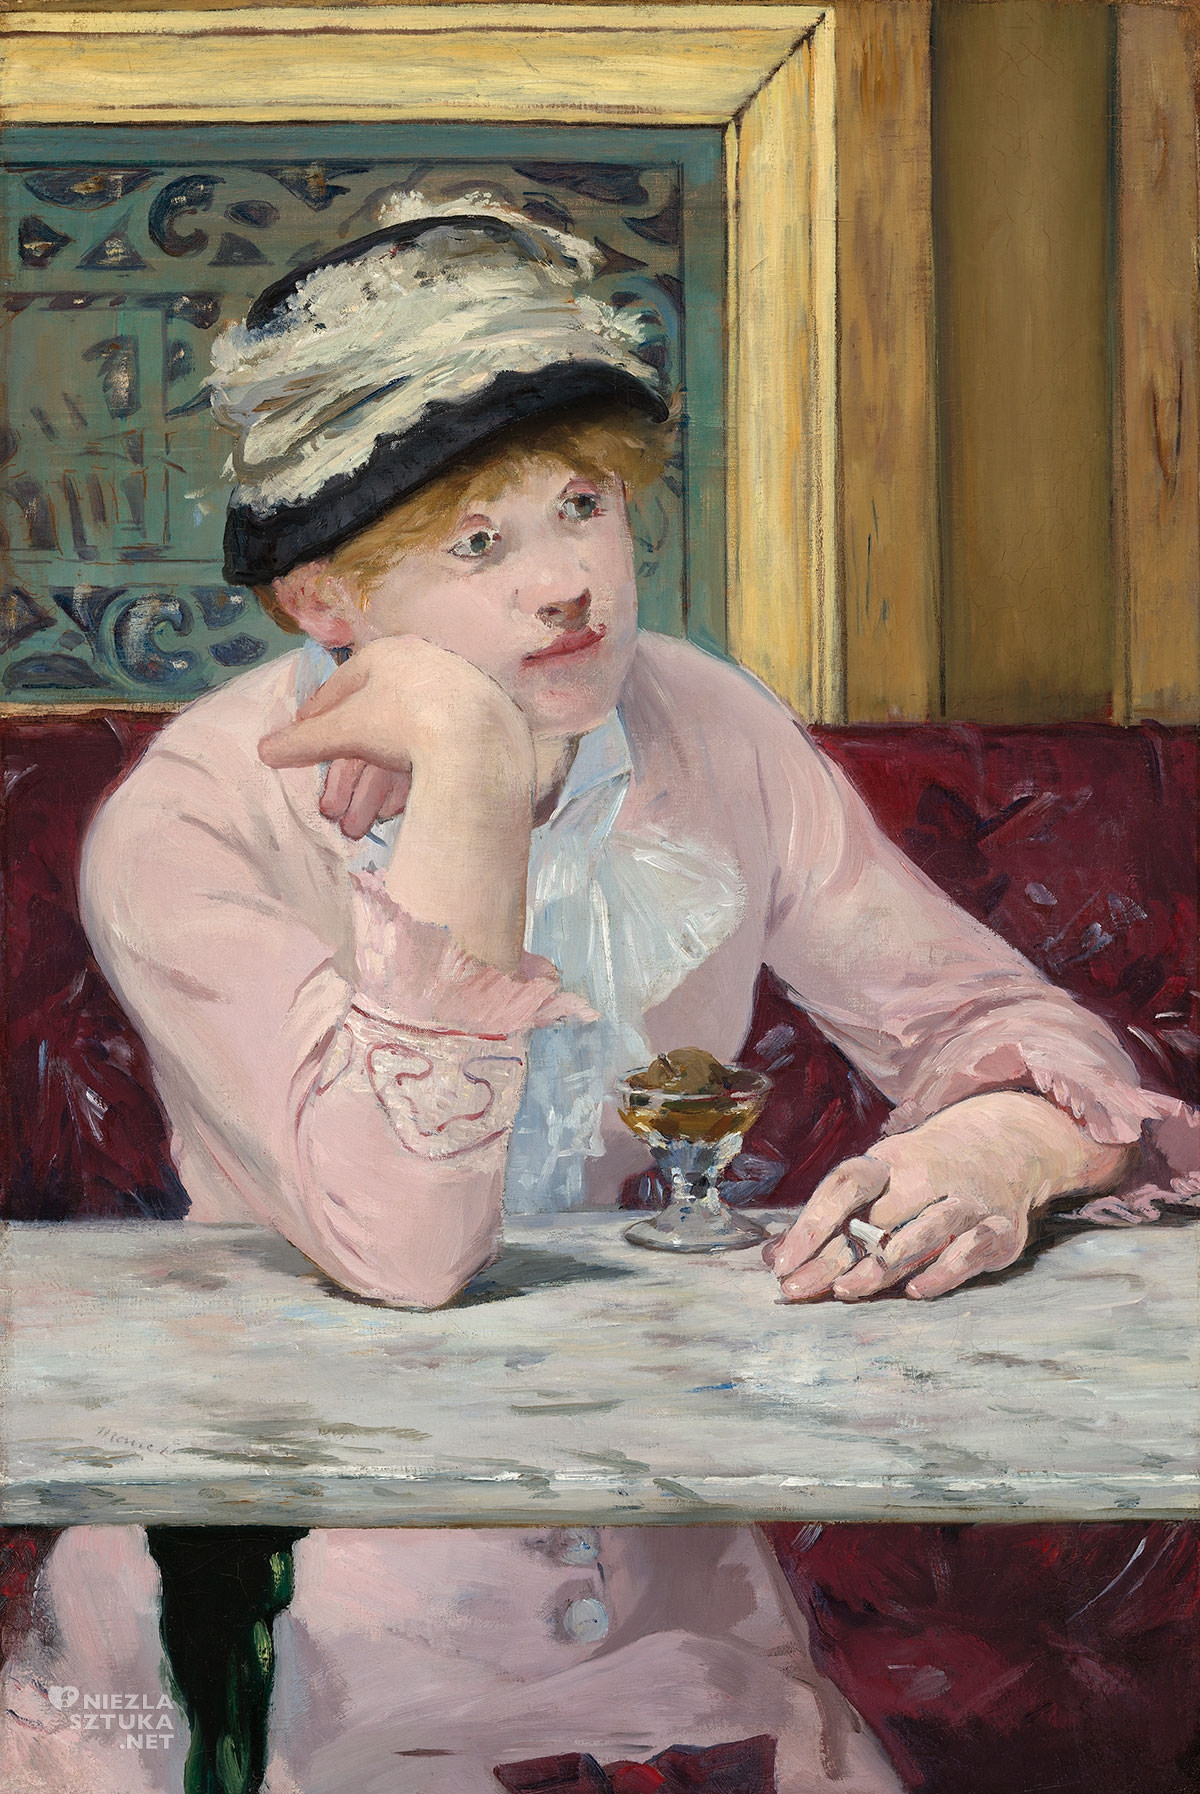 Édouard Manet, Śliwka, Ellen Andre, Niezła sztuka